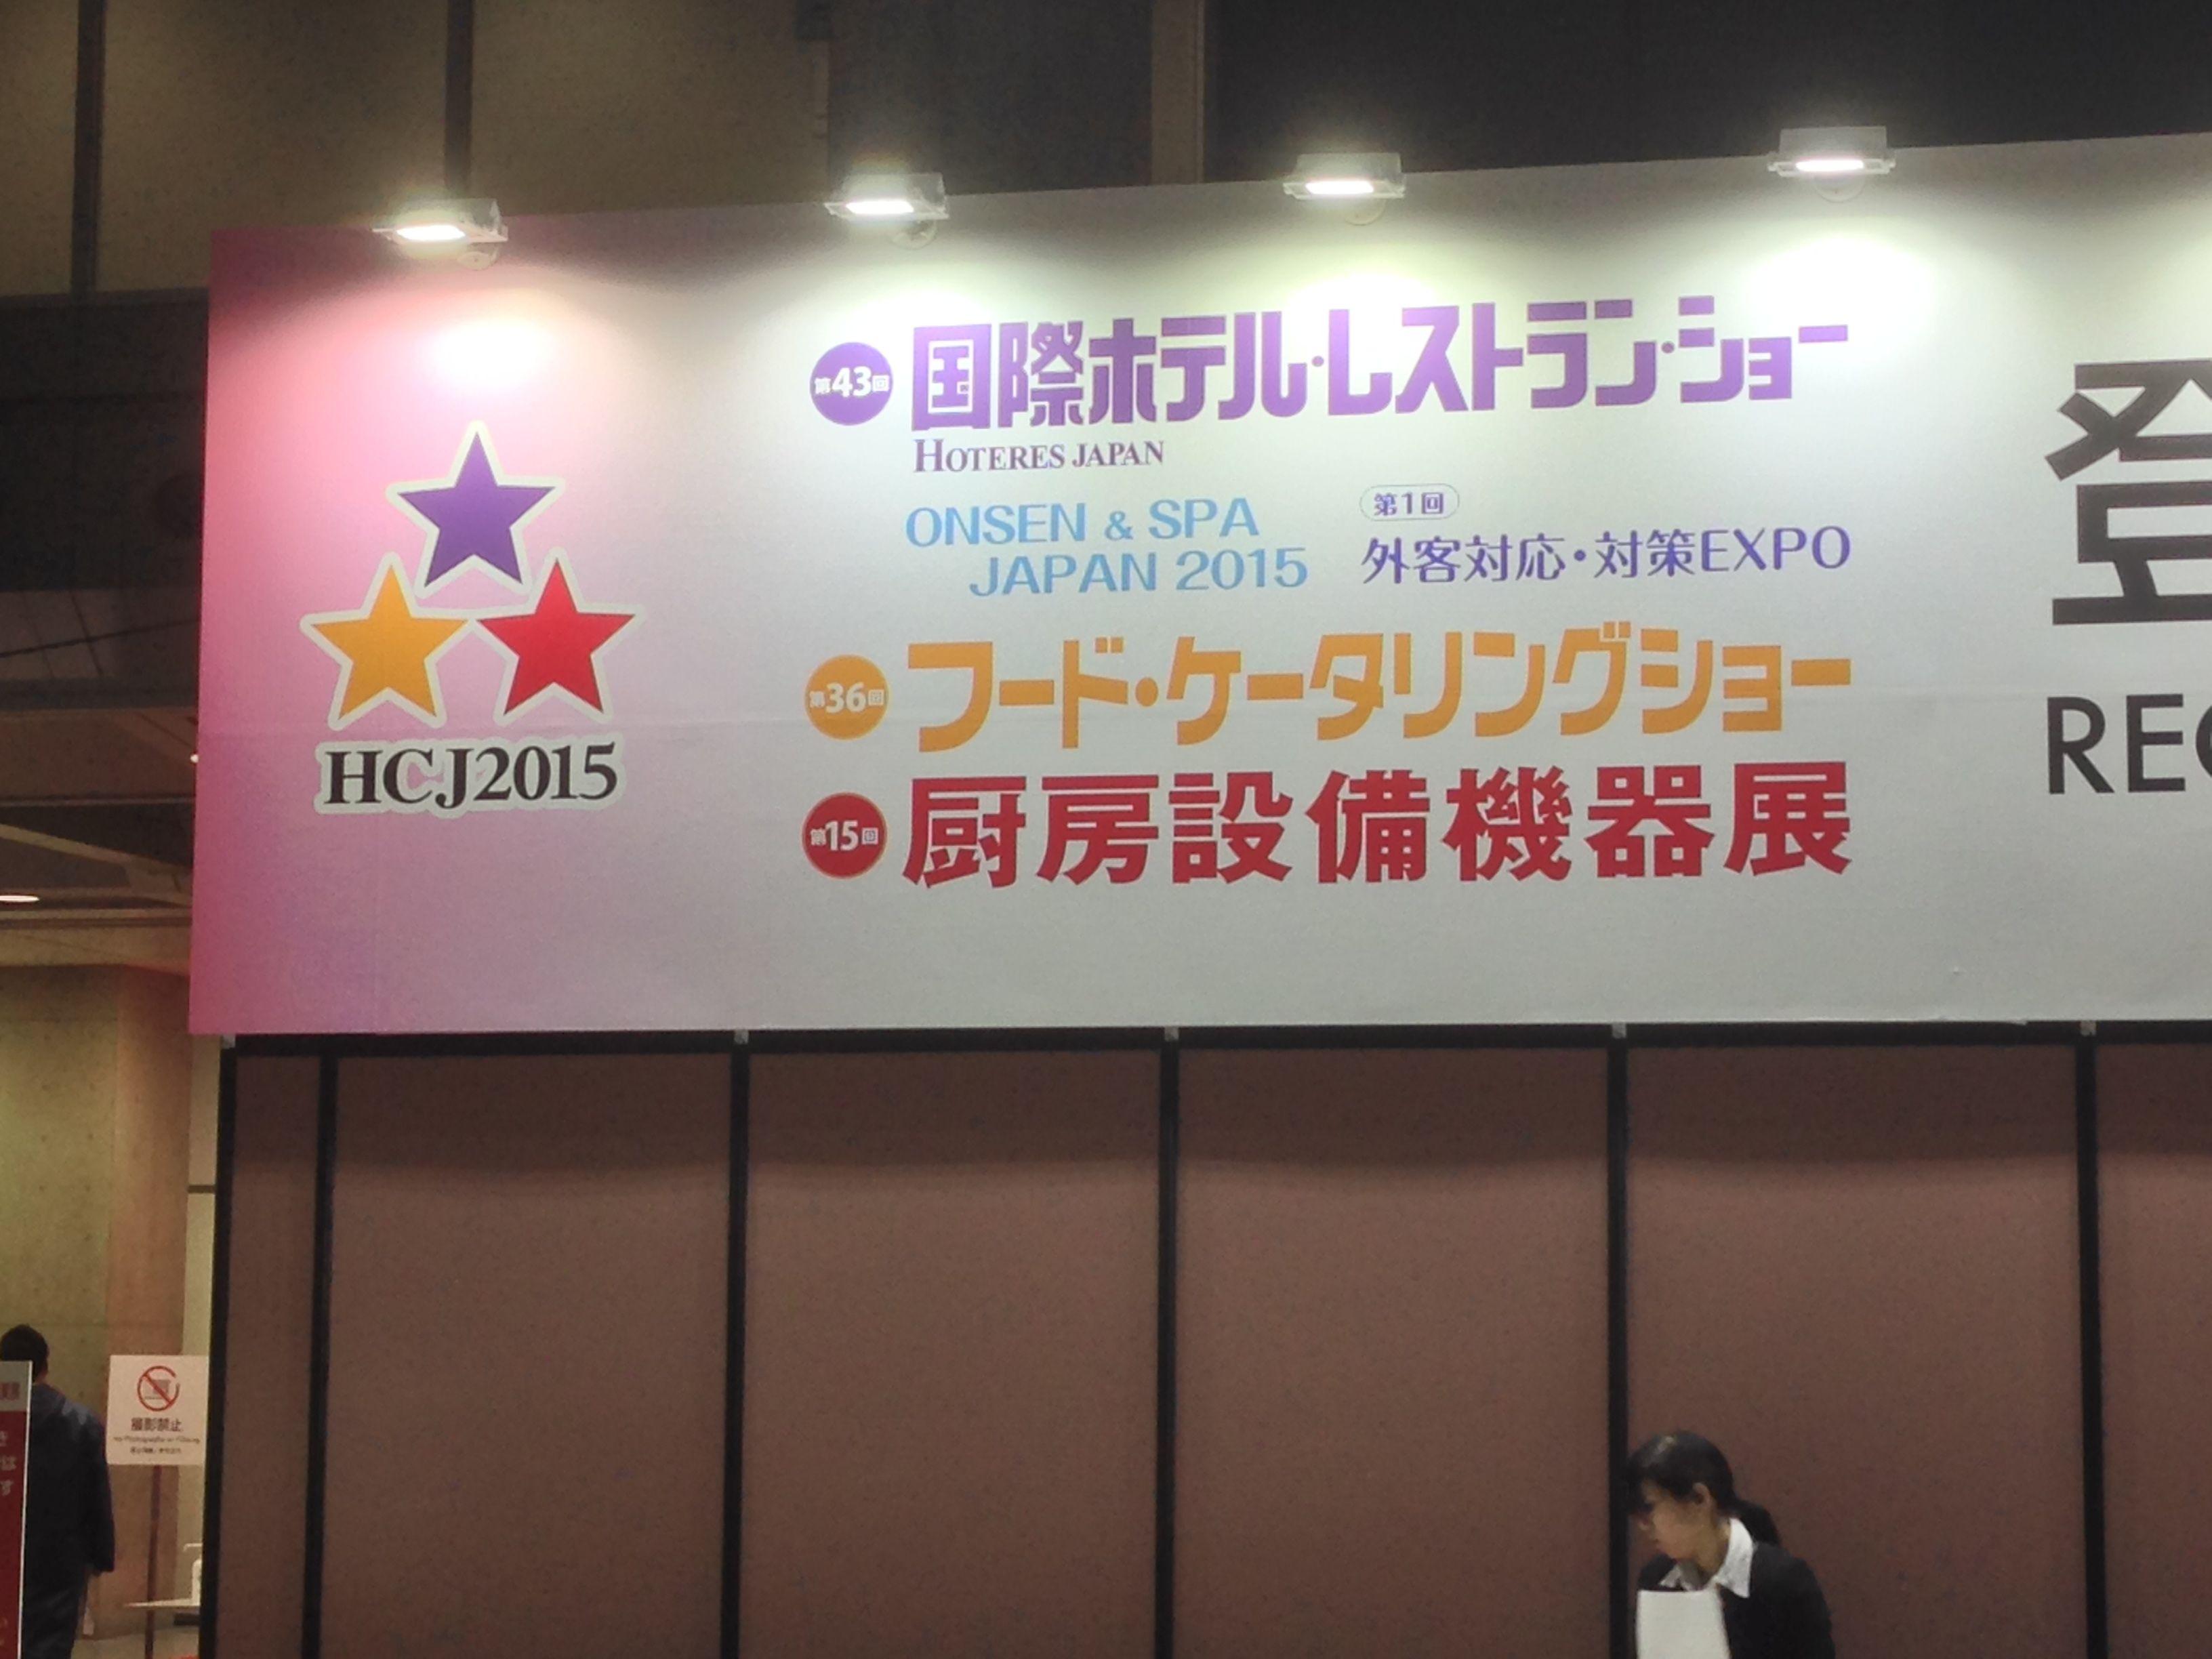 国際ホテル・レストランショーに出展しています